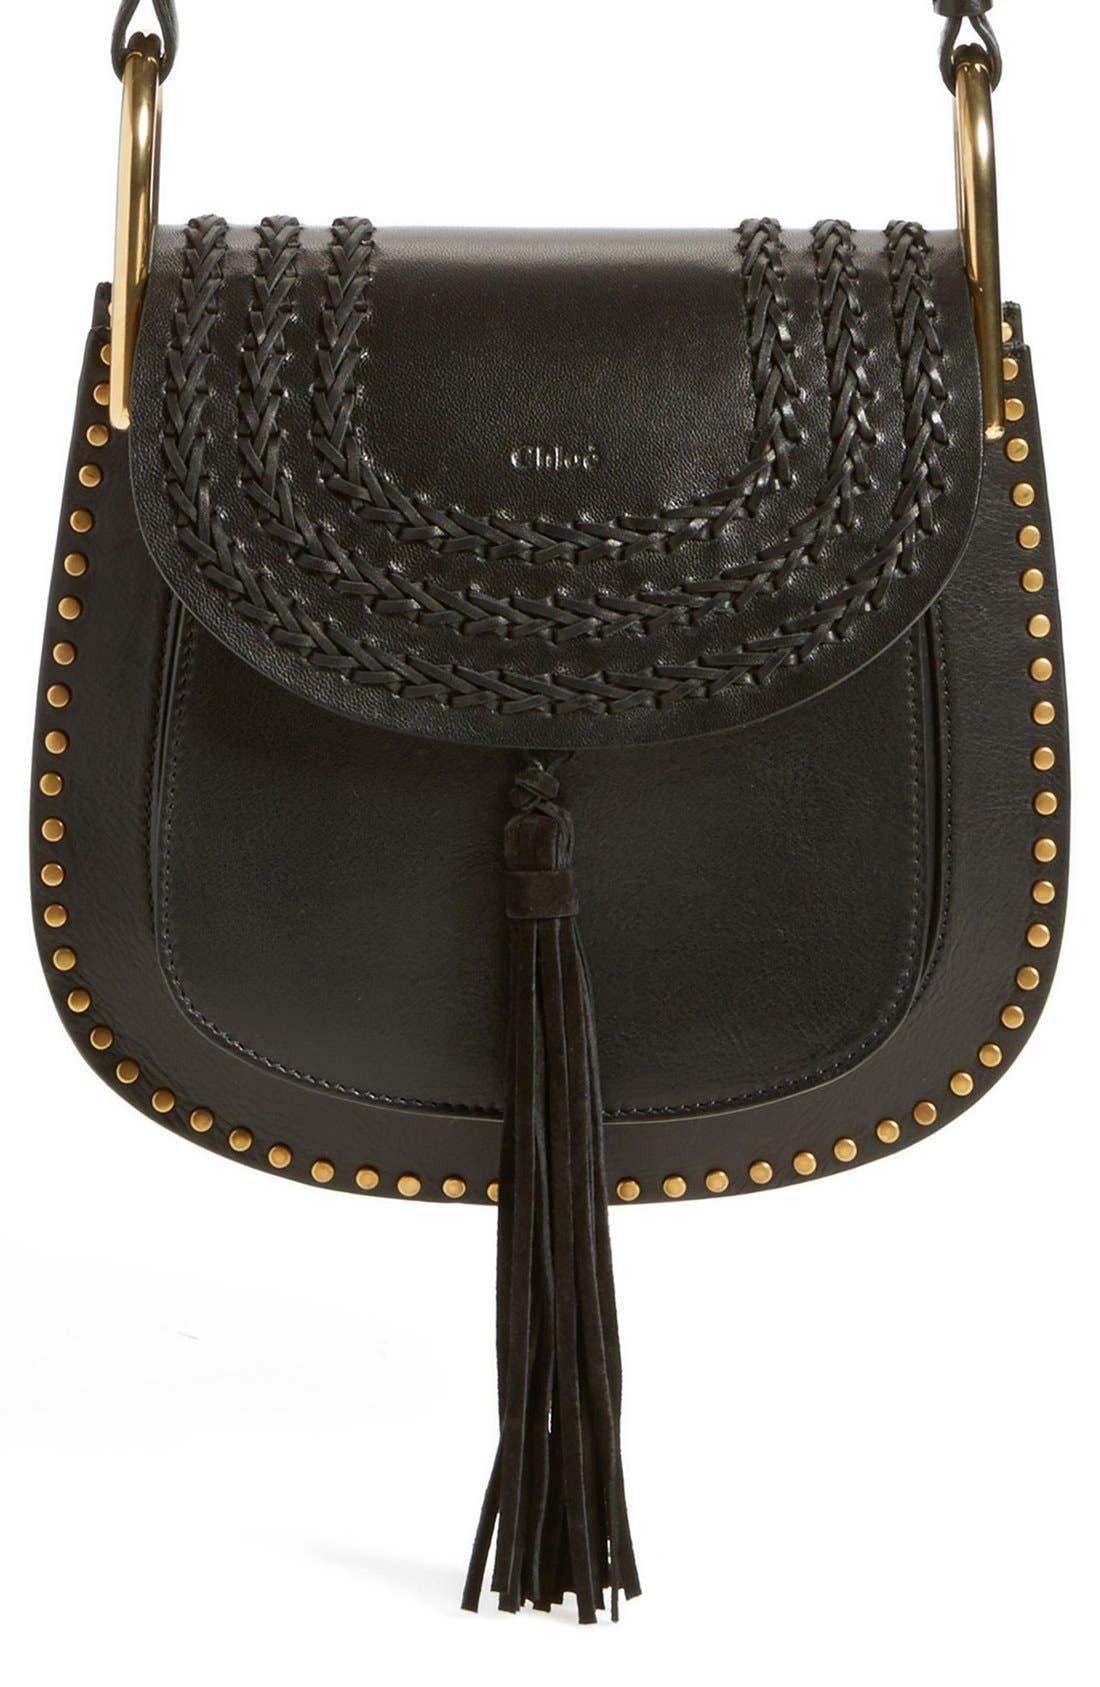 CHLOÉ,                             'Small Hudson' Studded Calfskin Leather Crossbody Bag,                             Main thumbnail 1, color,                             001